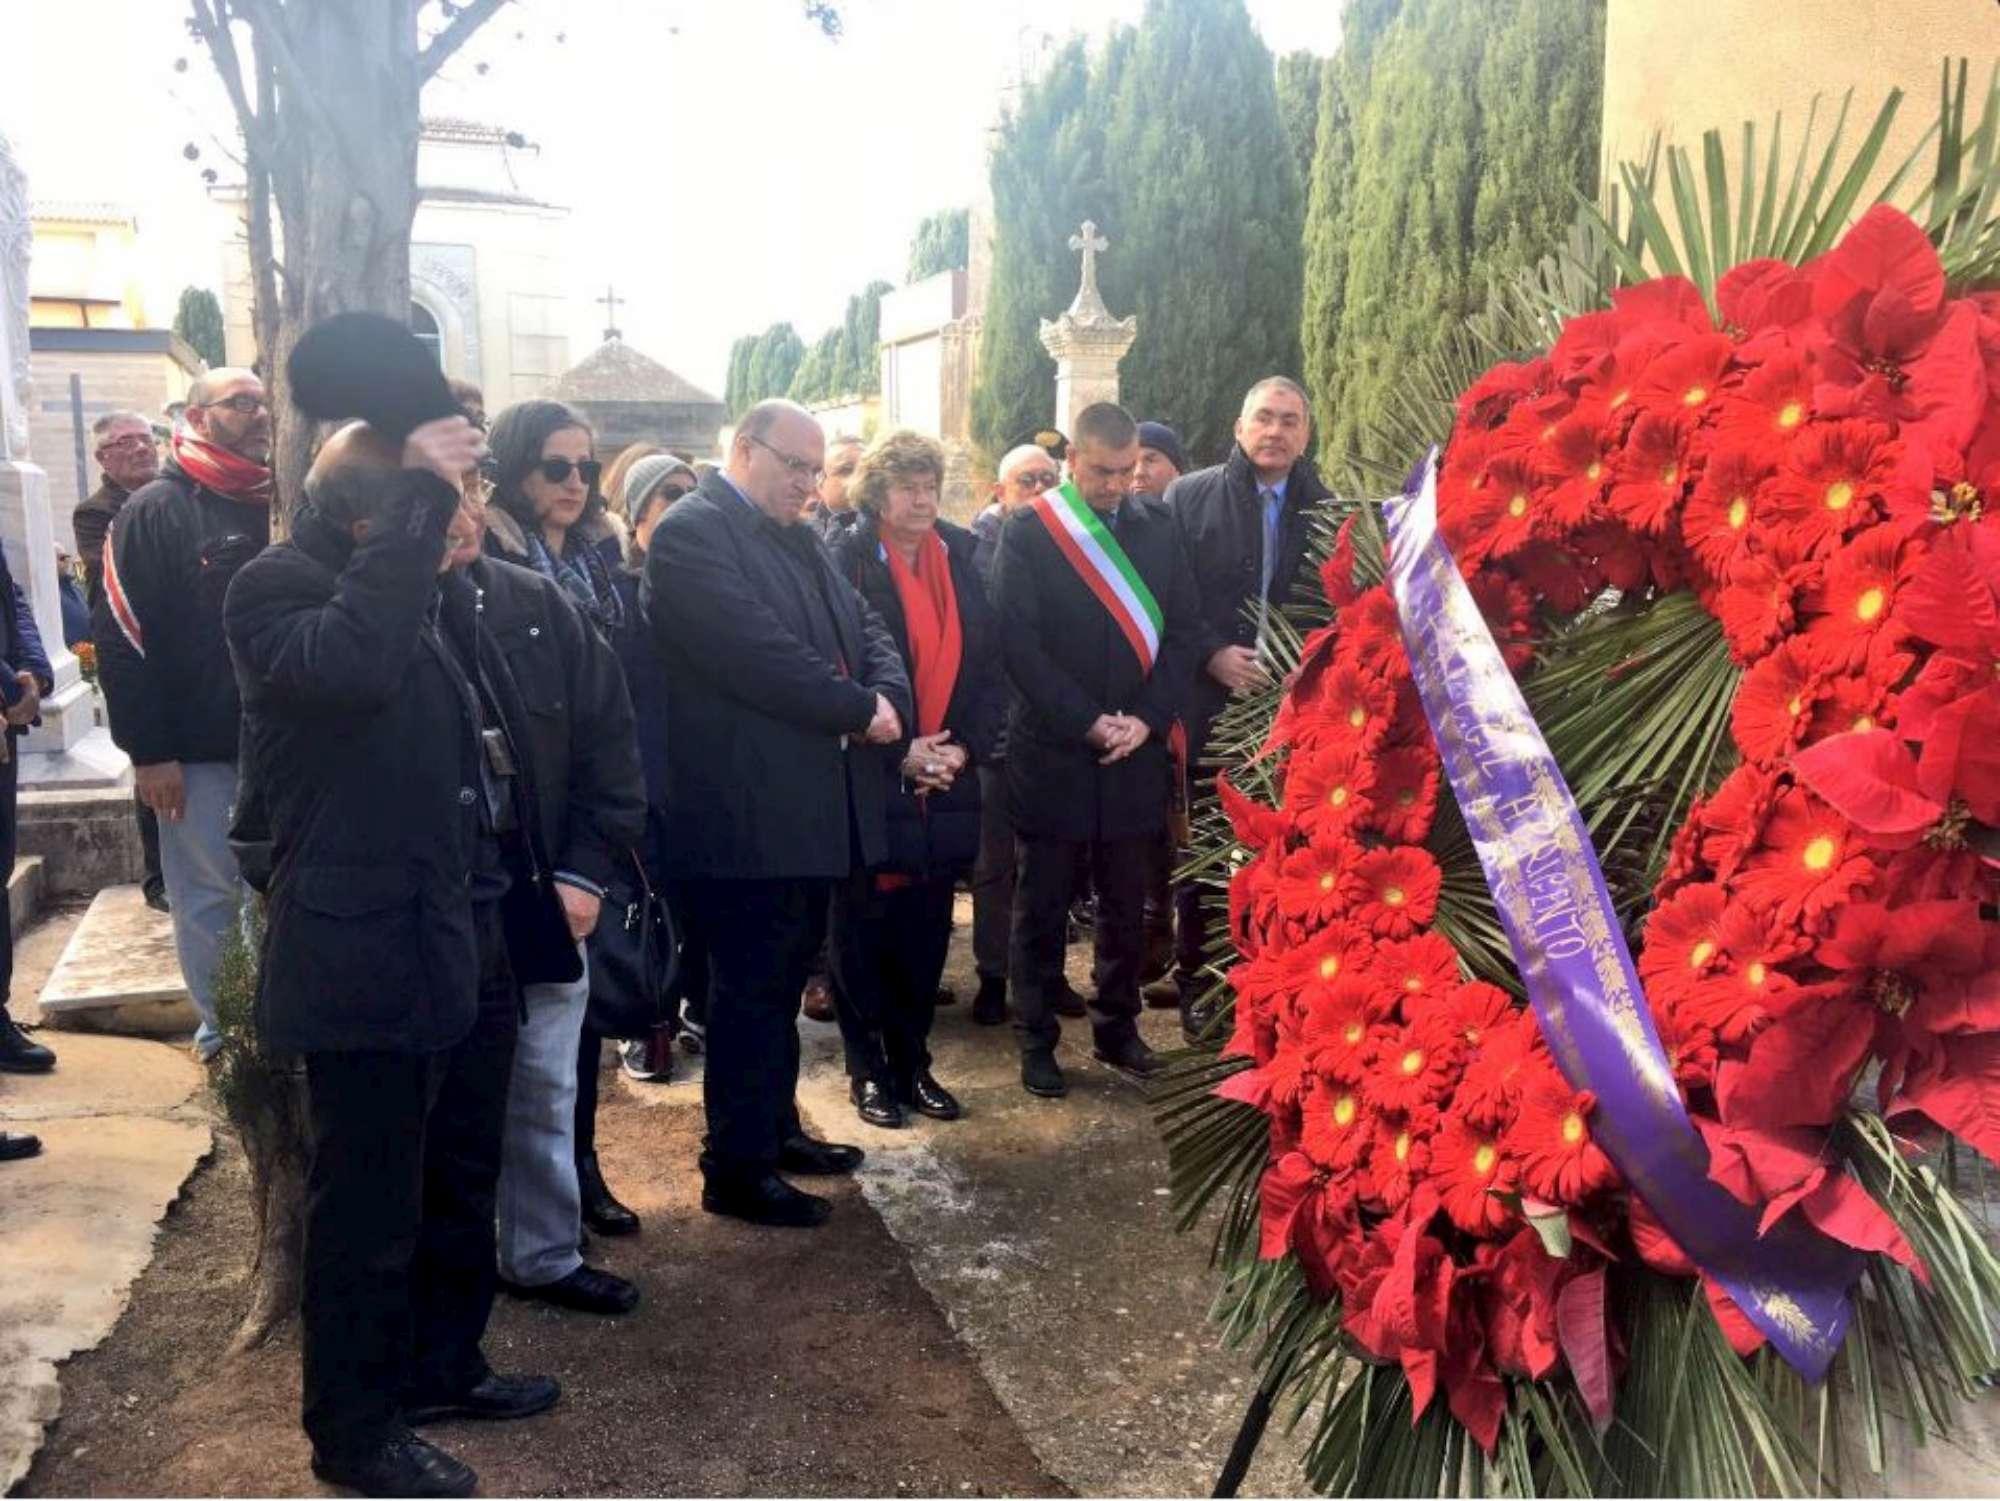 Sciacca, la Cgil ricorda il sindacalista Accursio Miraglia a 70 anni dalla morte